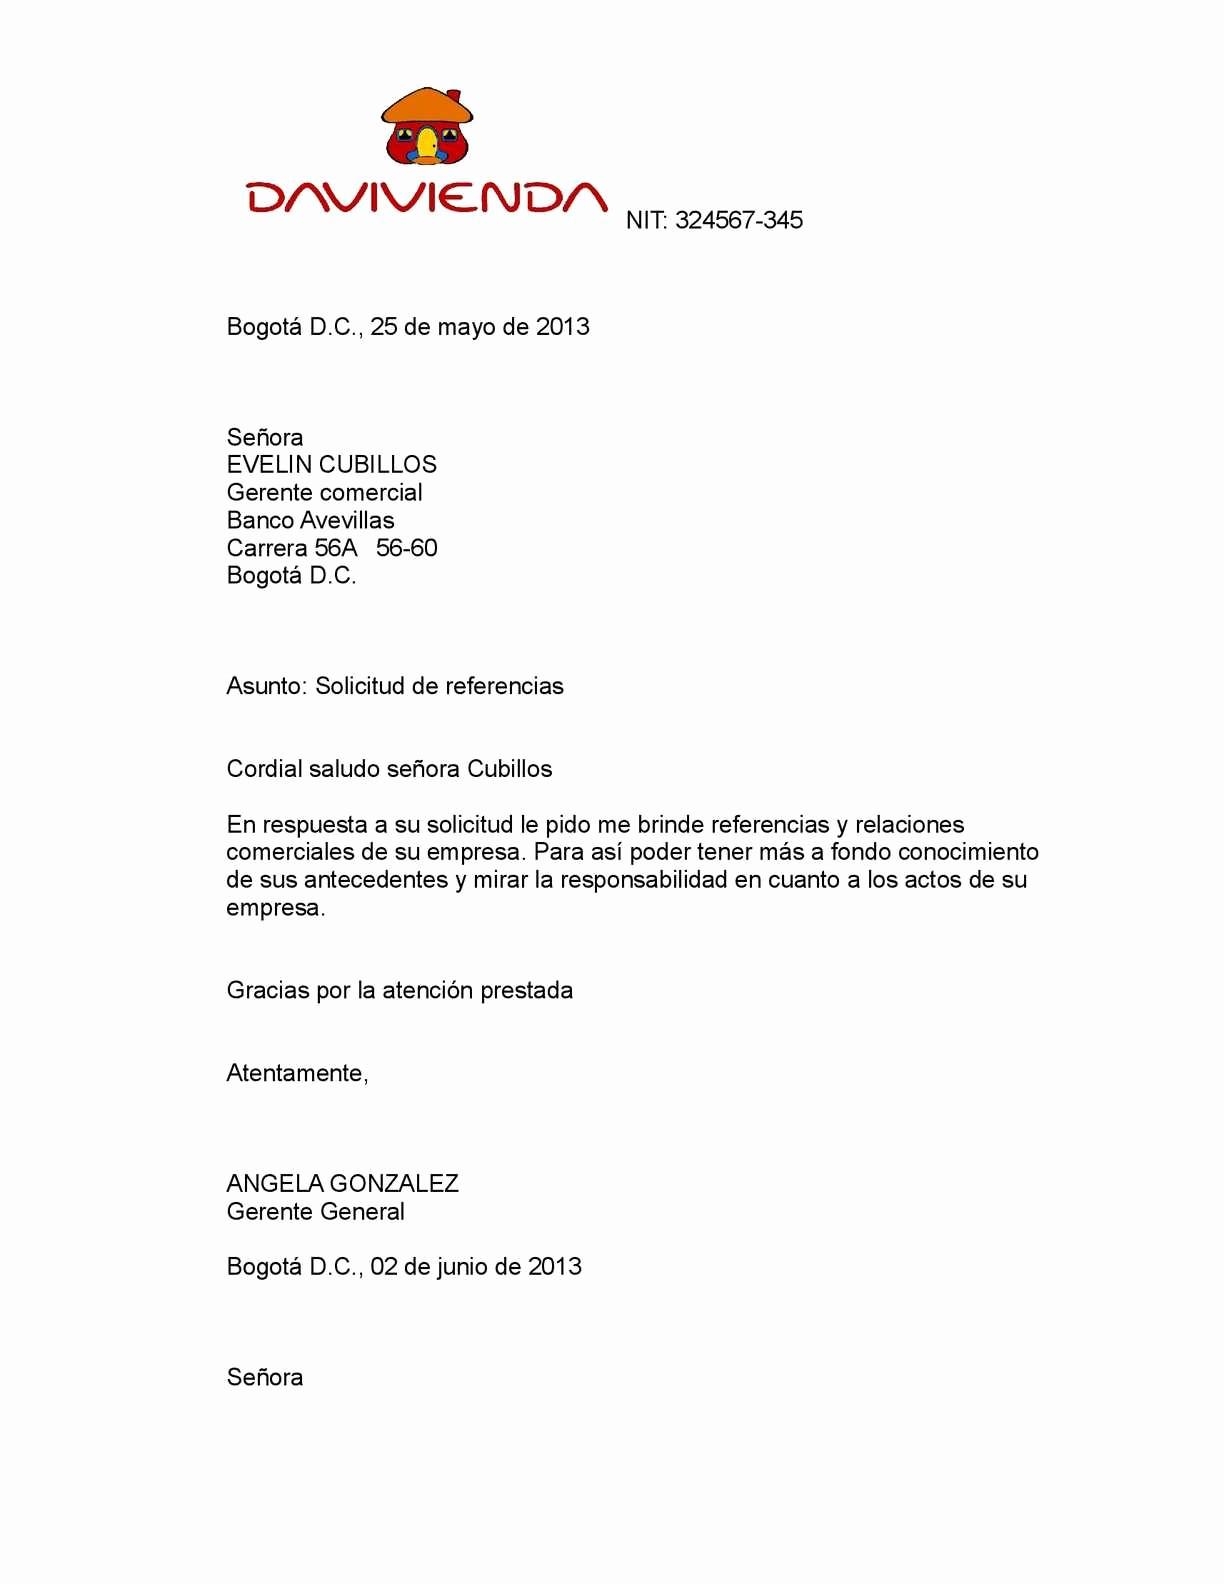 Formato De Carta De solicitud Fresh Calaméo Respuestas A Las Cartas solicitud Credito